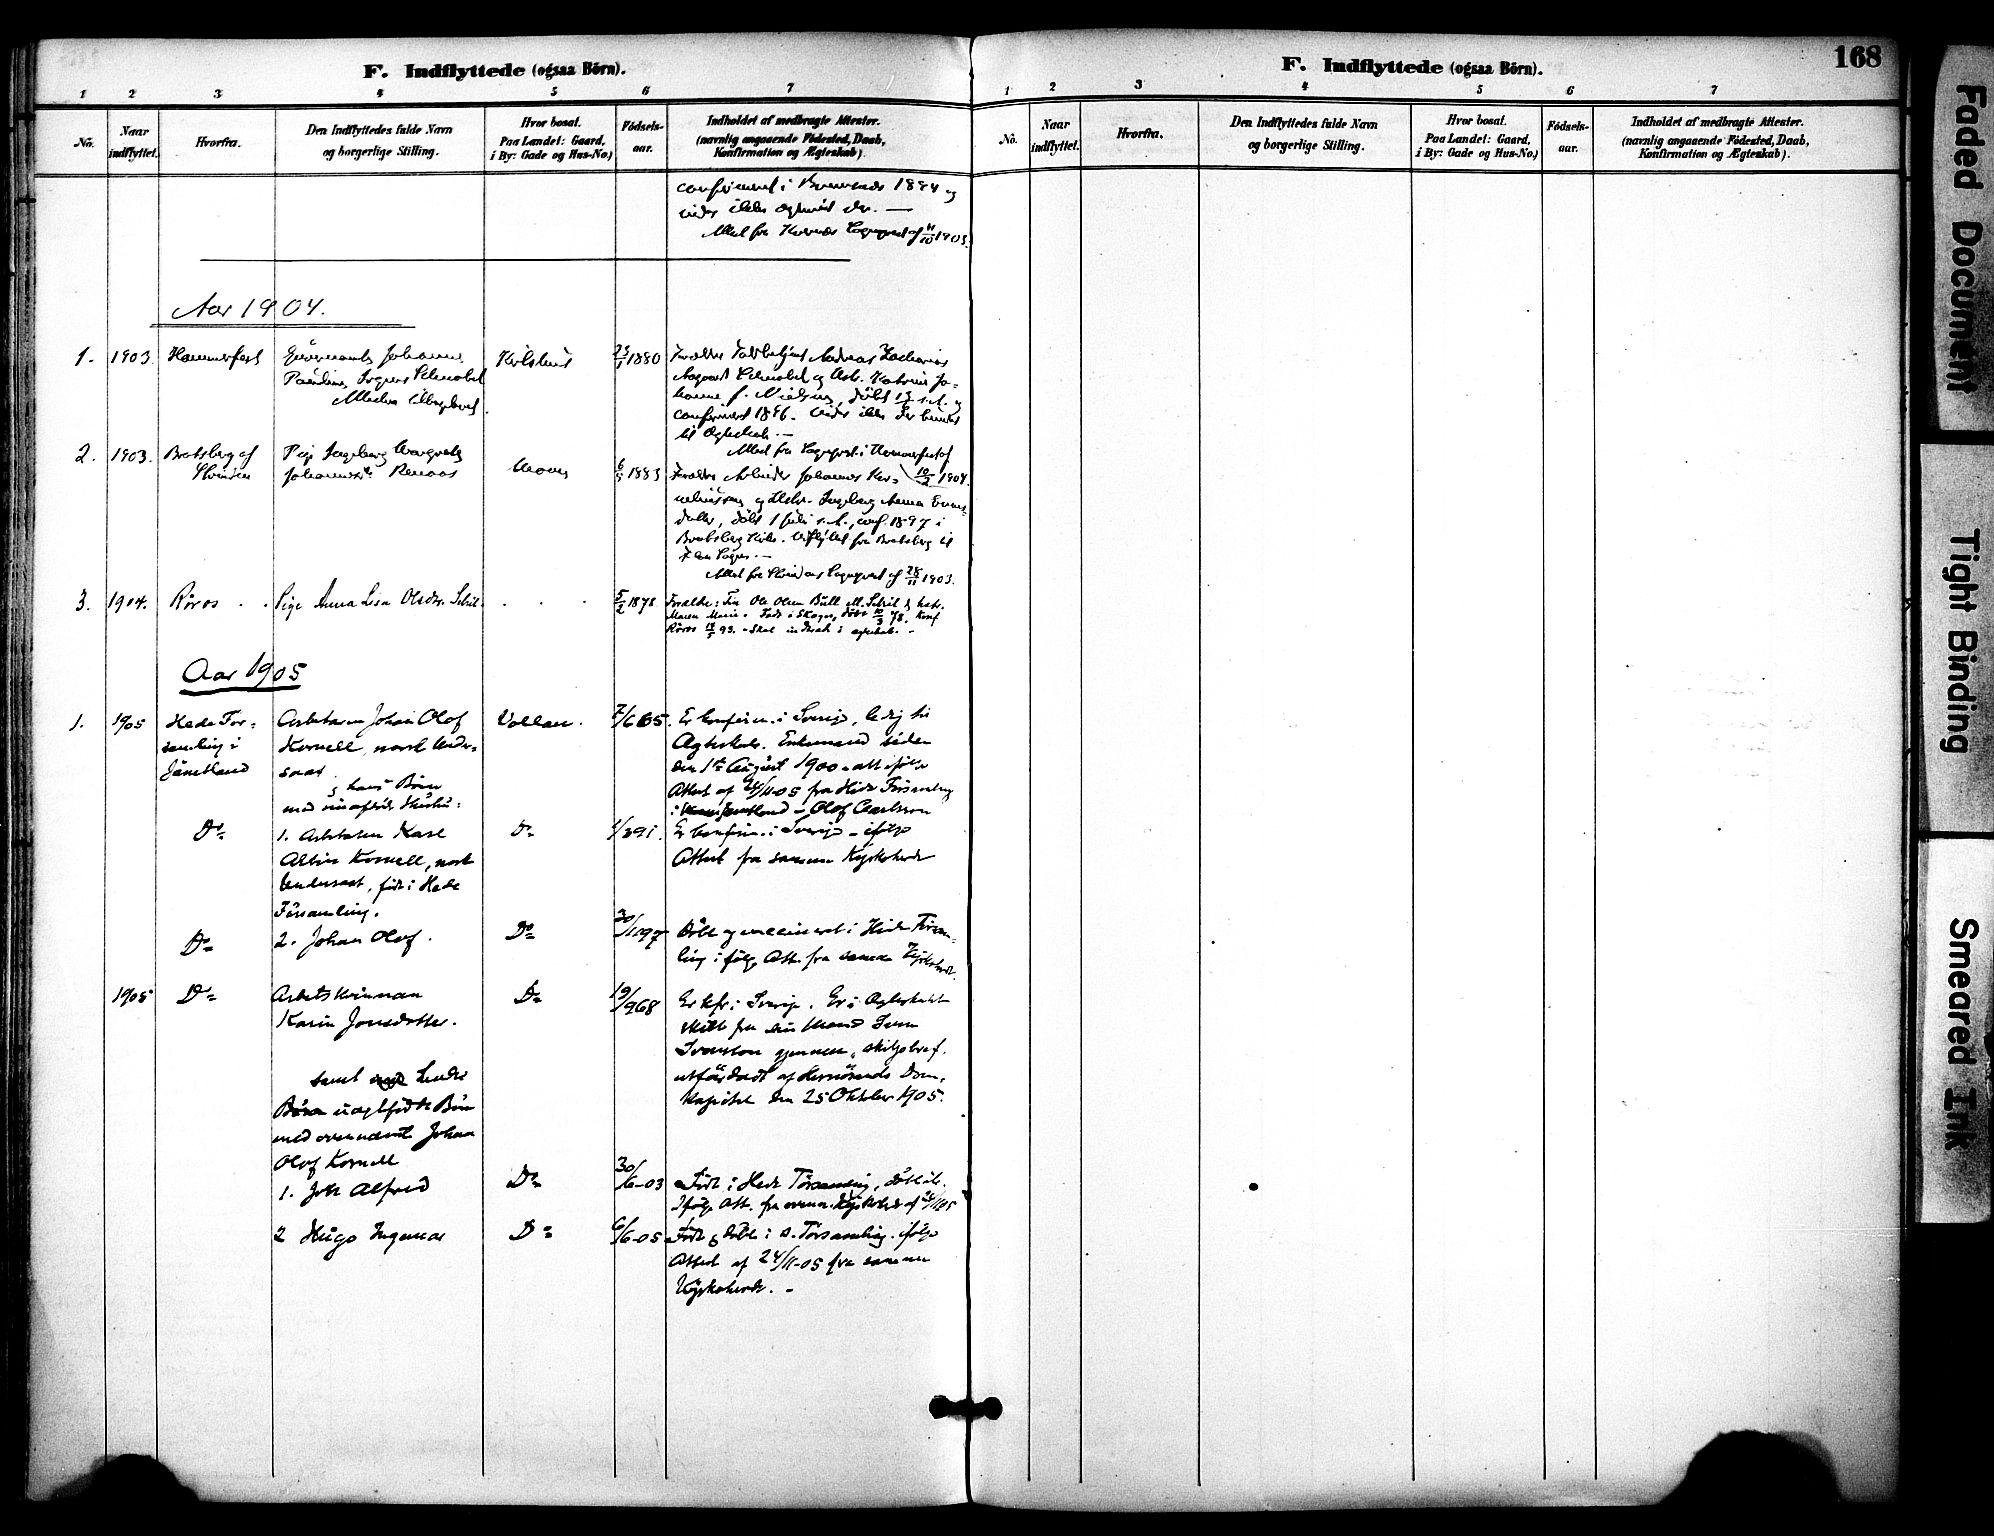 SAT, Ministerialprotokoller, klokkerbøker og fødselsregistre - Sør-Trøndelag, 686/L0984: Ministerialbok nr. 686A02, 1891-1906, s. 168